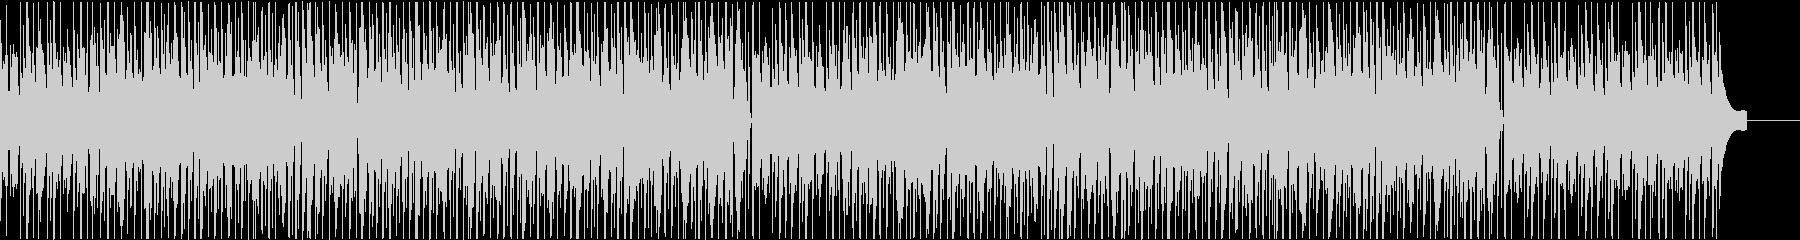 温かい気持ちになるほのぼの系のBGMの未再生の波形